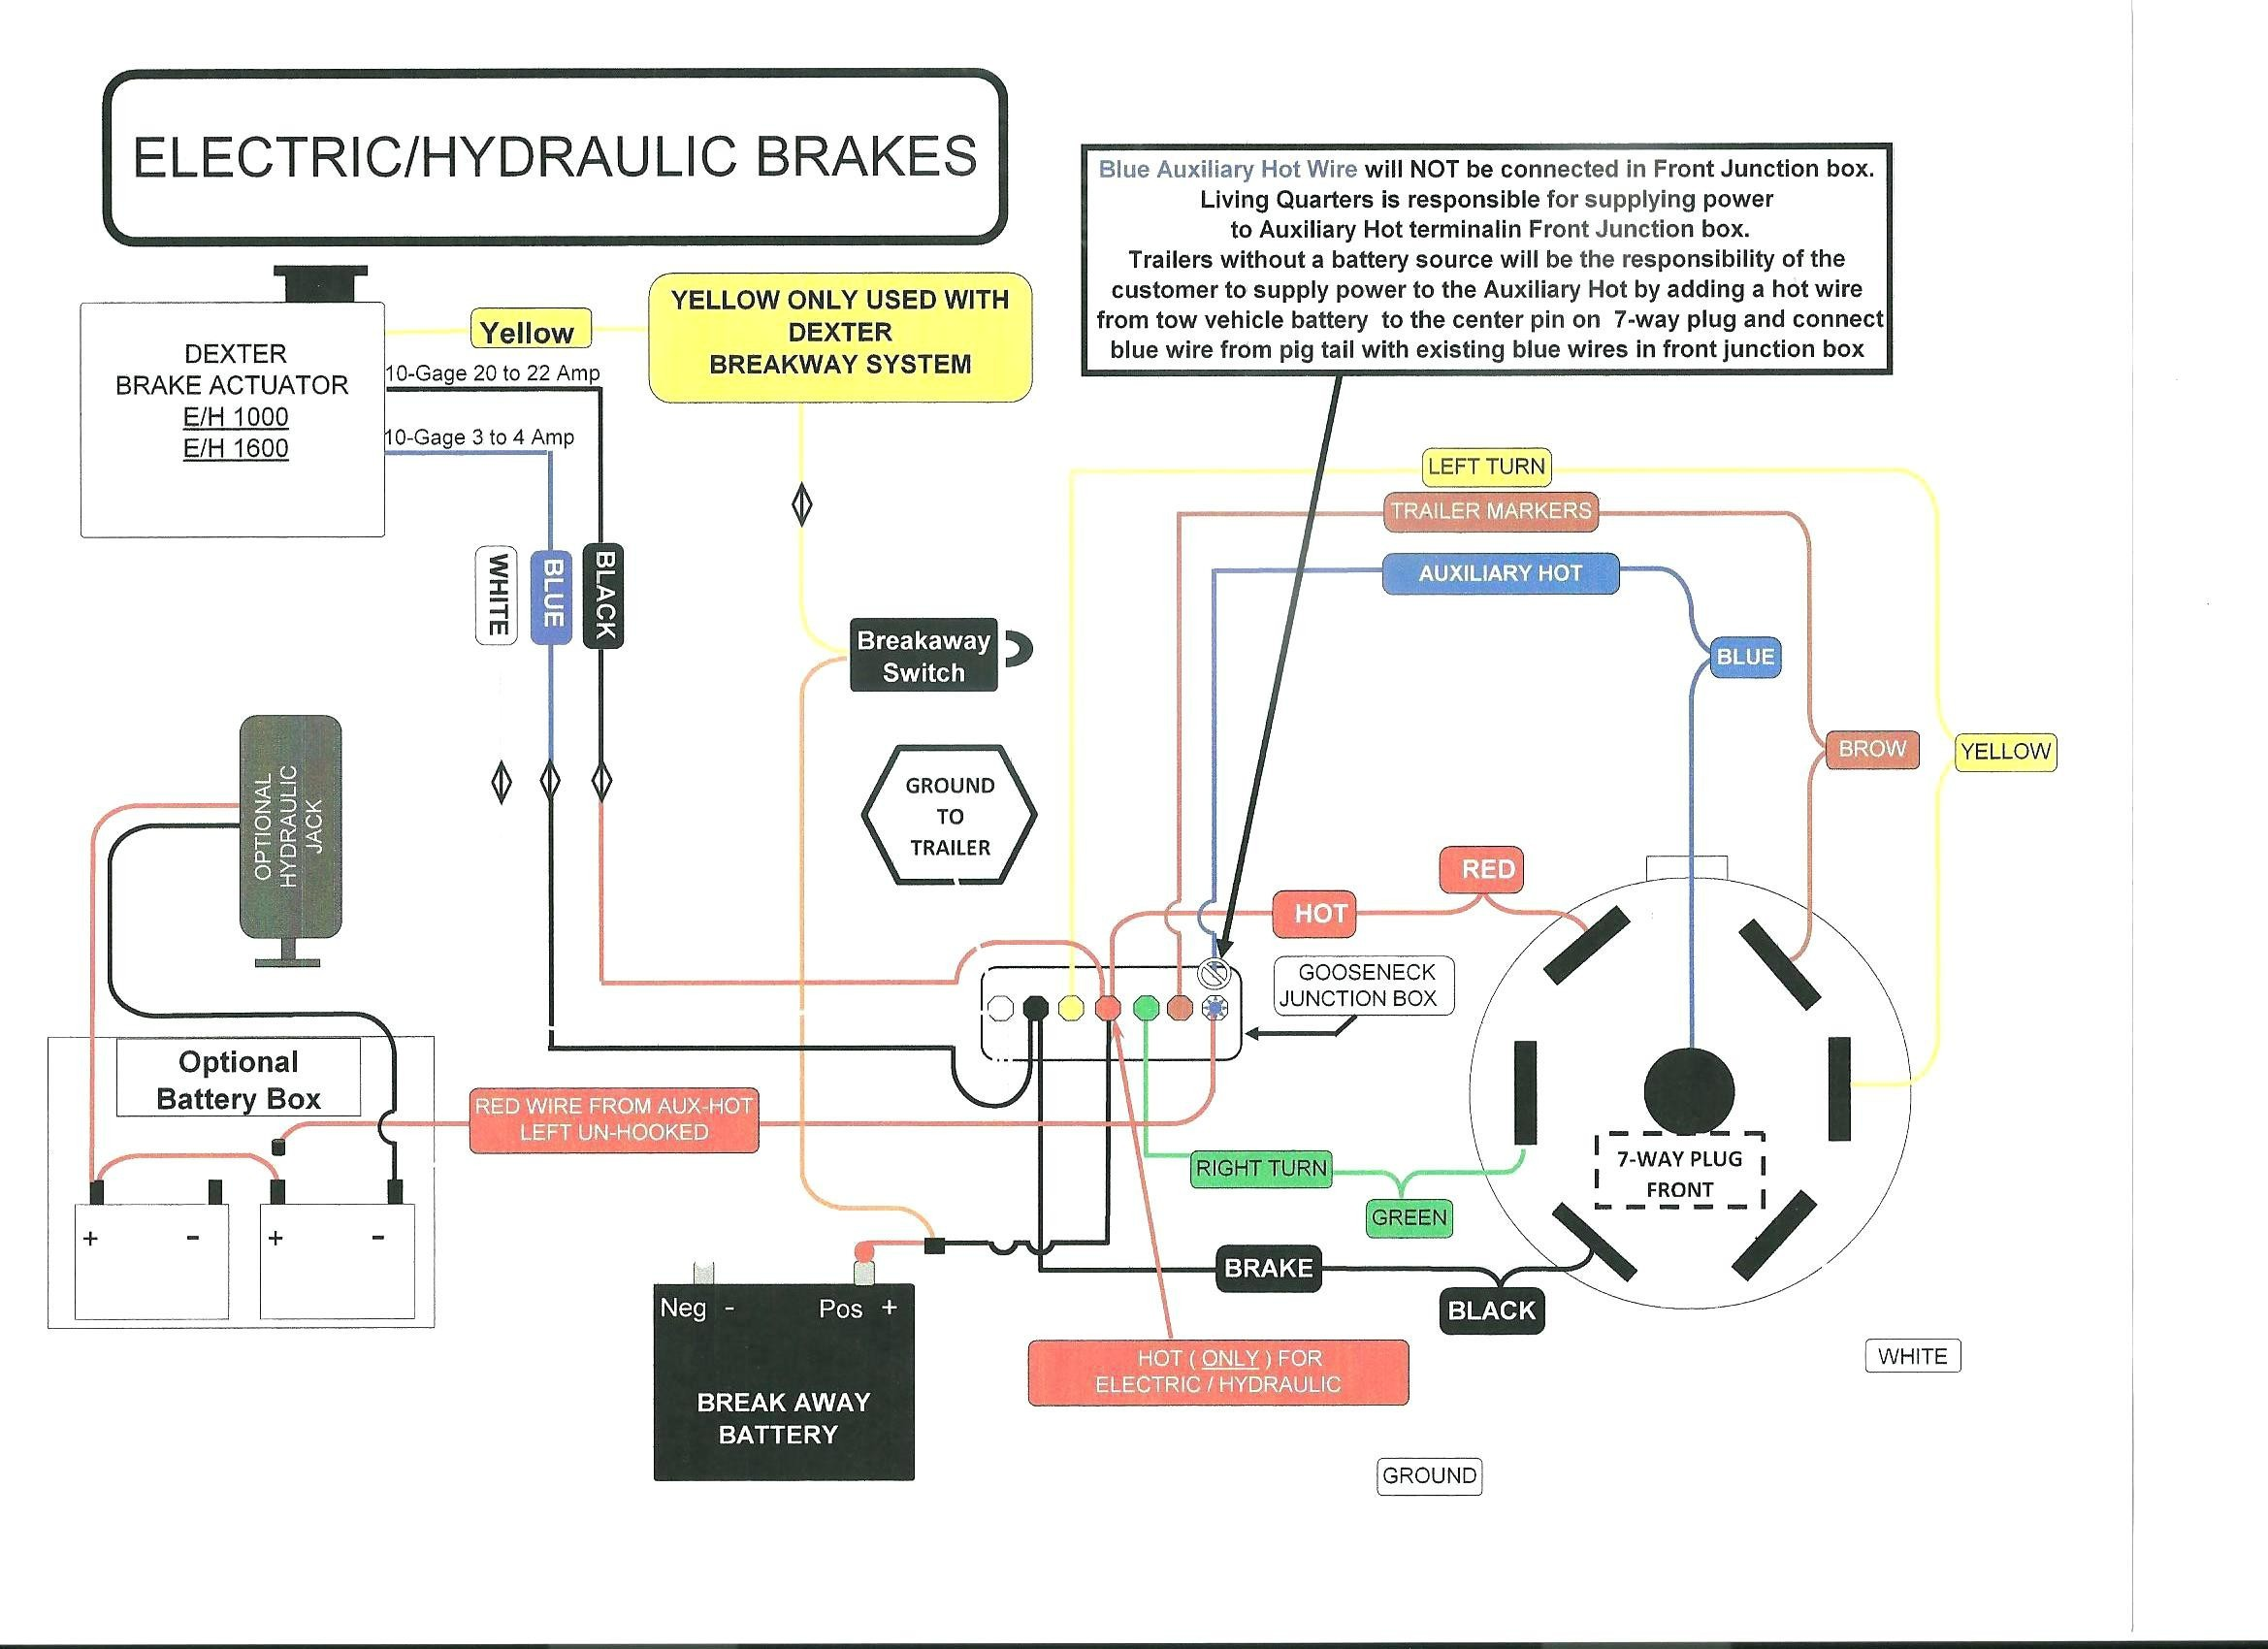 [DIAGRAM_5UK]  KF_8119] Electric Trailer Breakaway Wiring Diagram Schematic Wiring | Dexter Brake Wiring Diagram |  | Unho Nekout Seve Mohammedshrine Librar Wiring 101